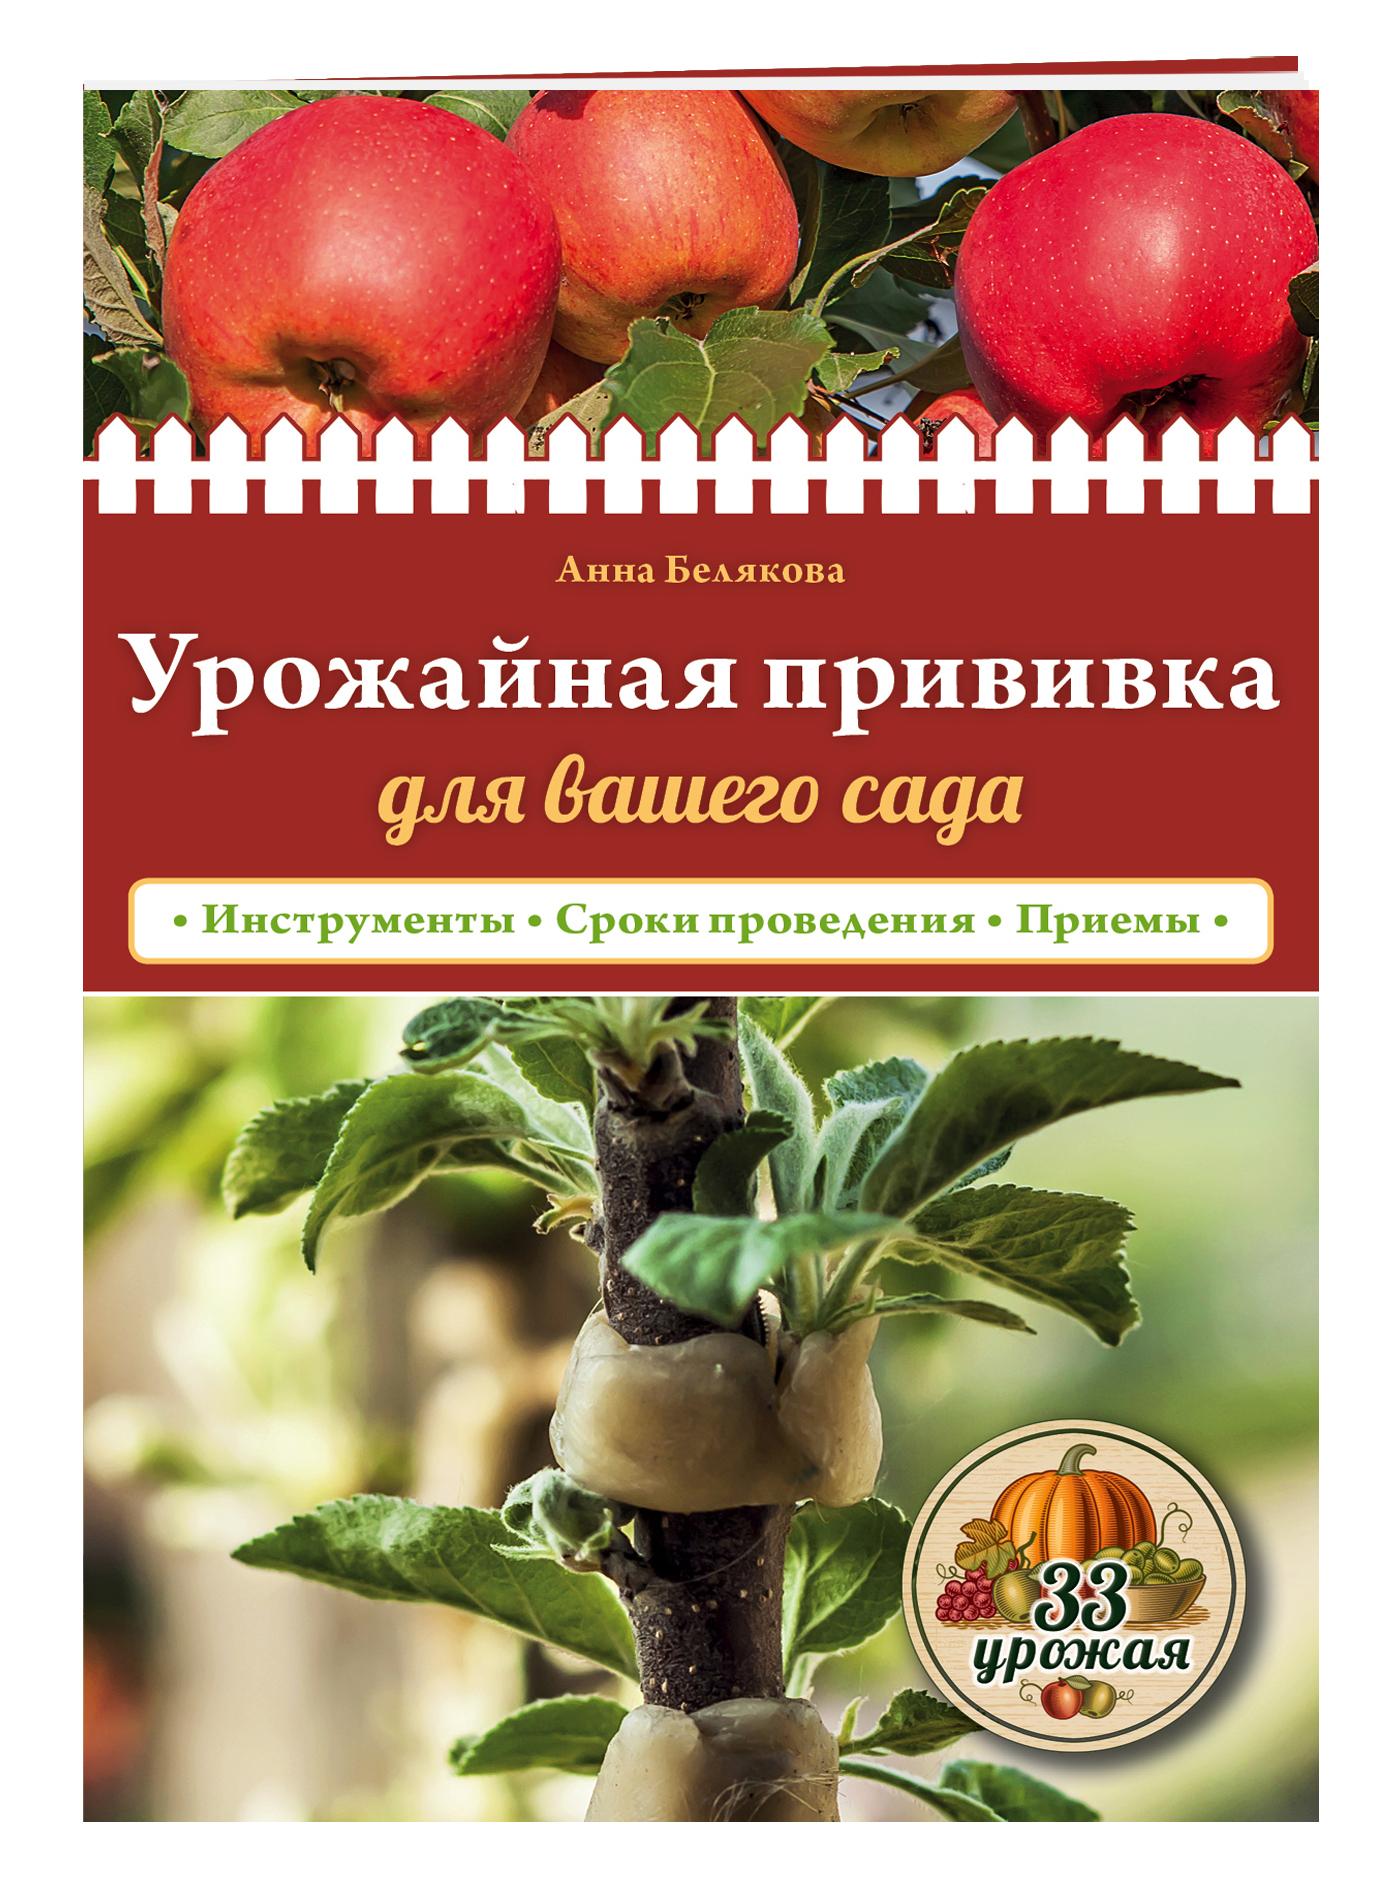 Урожайная прививка для вашего сада